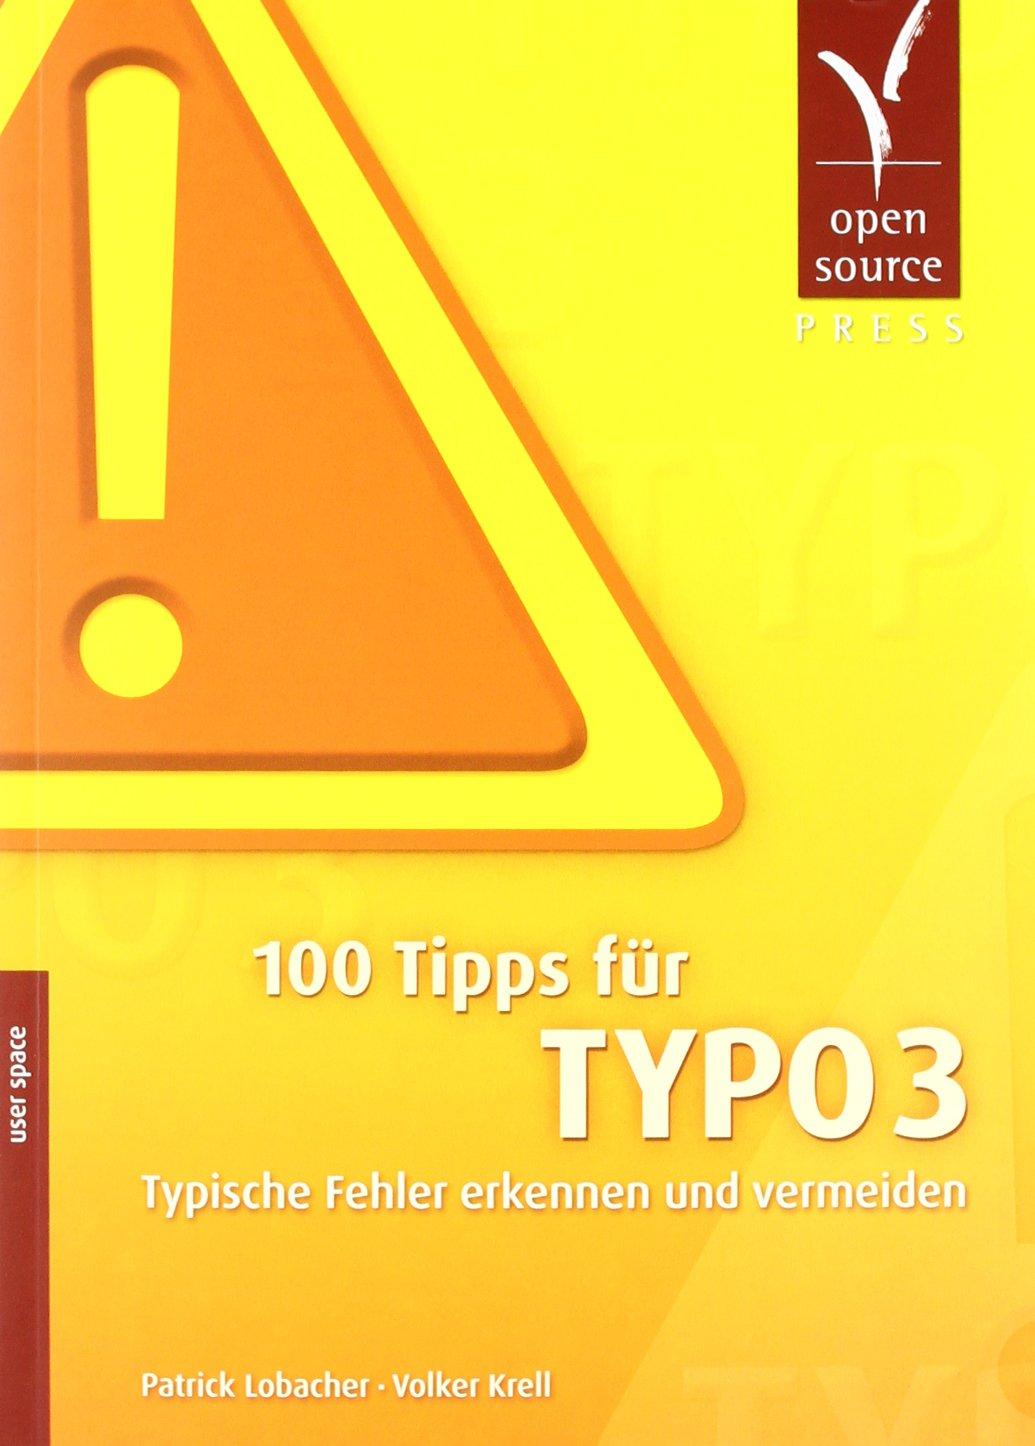 100 Tipps für TYPO3: Typische Fehler erkennen und vermeiden Broschiert – 30. Mai 2011 Patrick Lobacher Volker Krell Open Source Press 3941841262